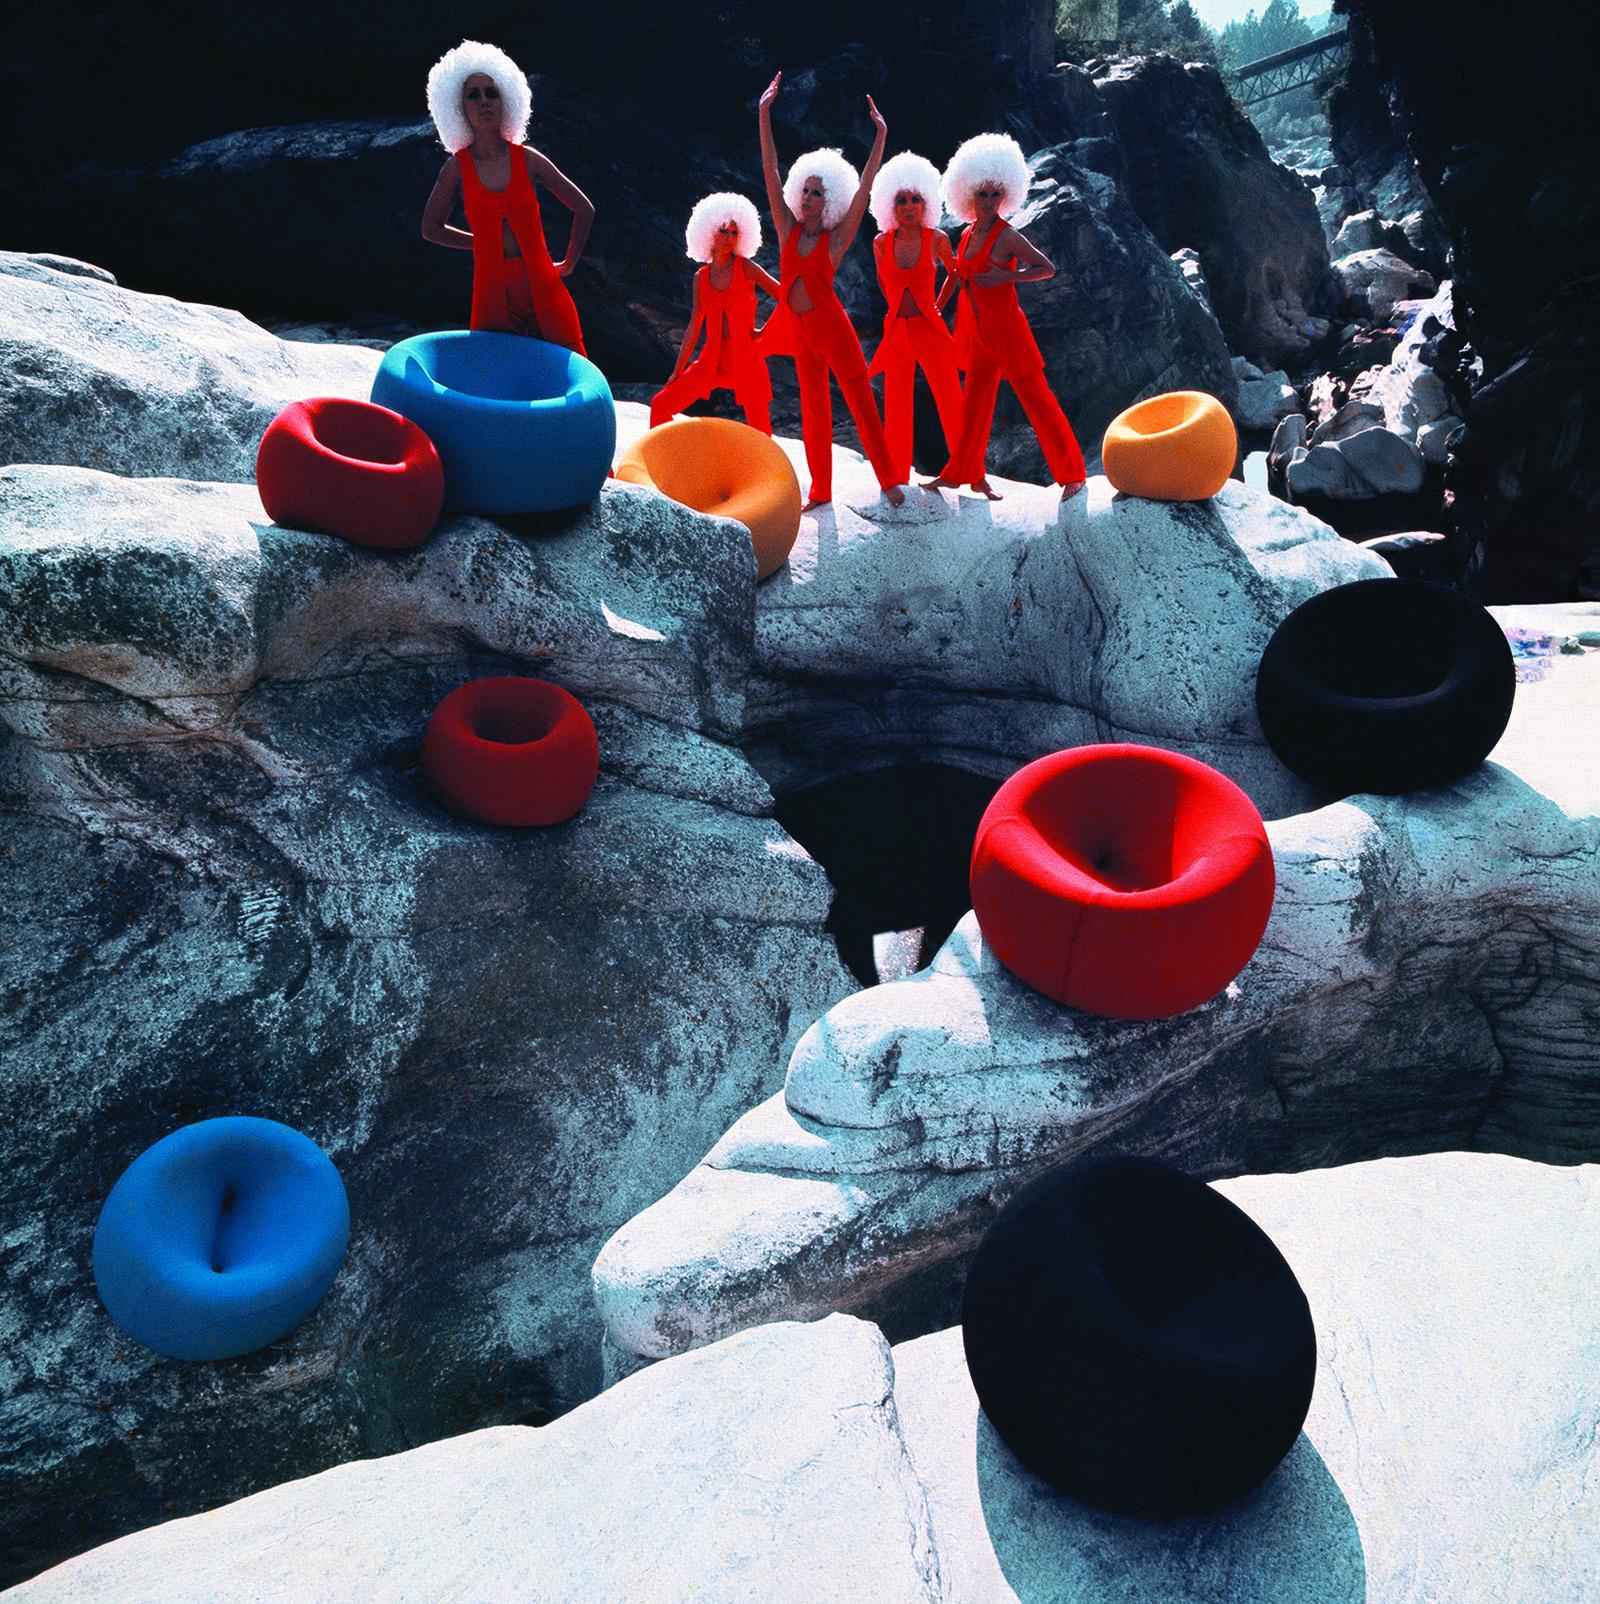 serie-up-design-gaetano-pesce-photo-klaus-zaugg-1969-01-0000-serie-up-design-gaetano-pesce-photo.jpg_1600x1604